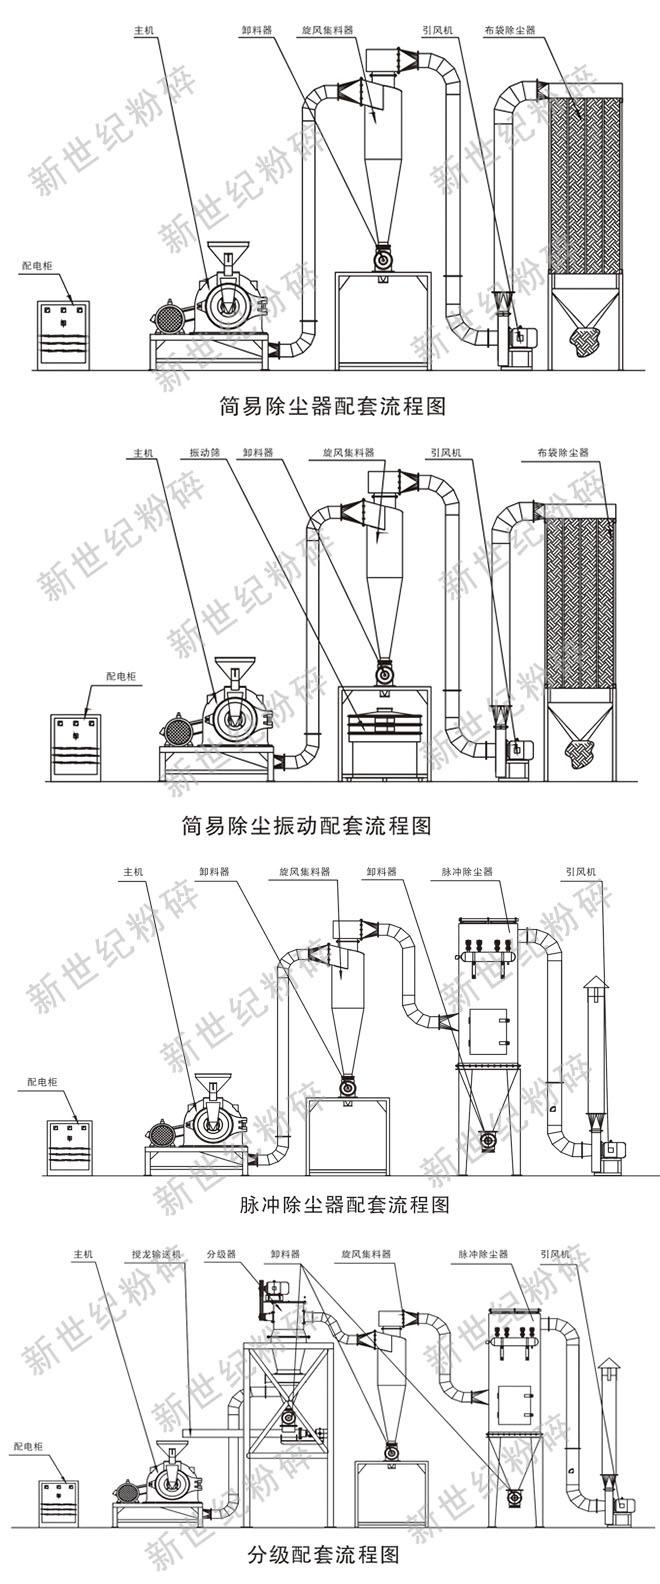 4r磨粉机控制柜电路图